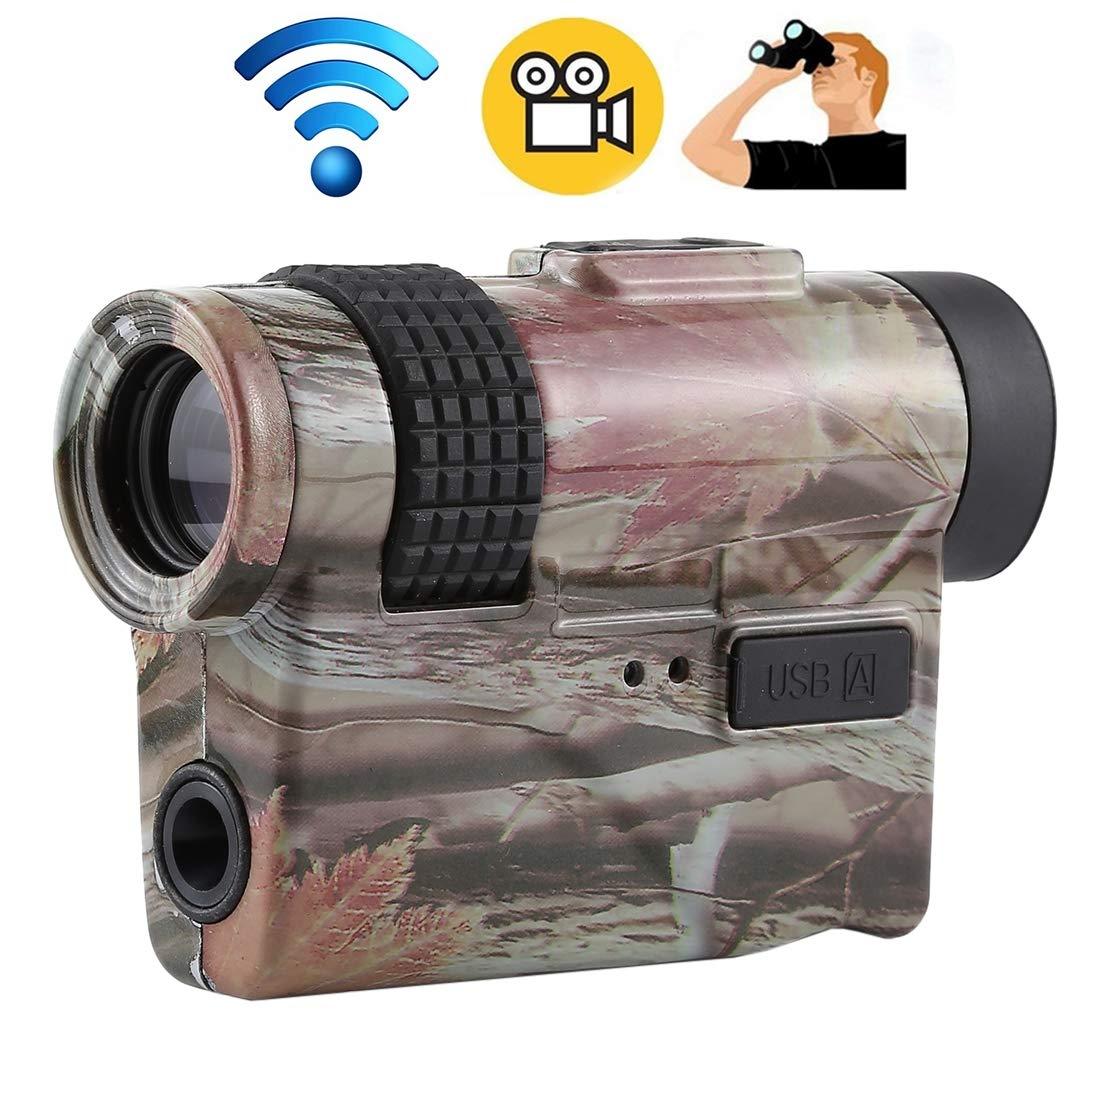 【まとめ買い】 10X 10X B07NXP9QWB WiFi 720P デジタル カメラUSB充電 WiFi Monocular TFカードサポート B07NXP9QWB, ハイバラグン:2329e971 --- arianechie.dominiotemporario.com